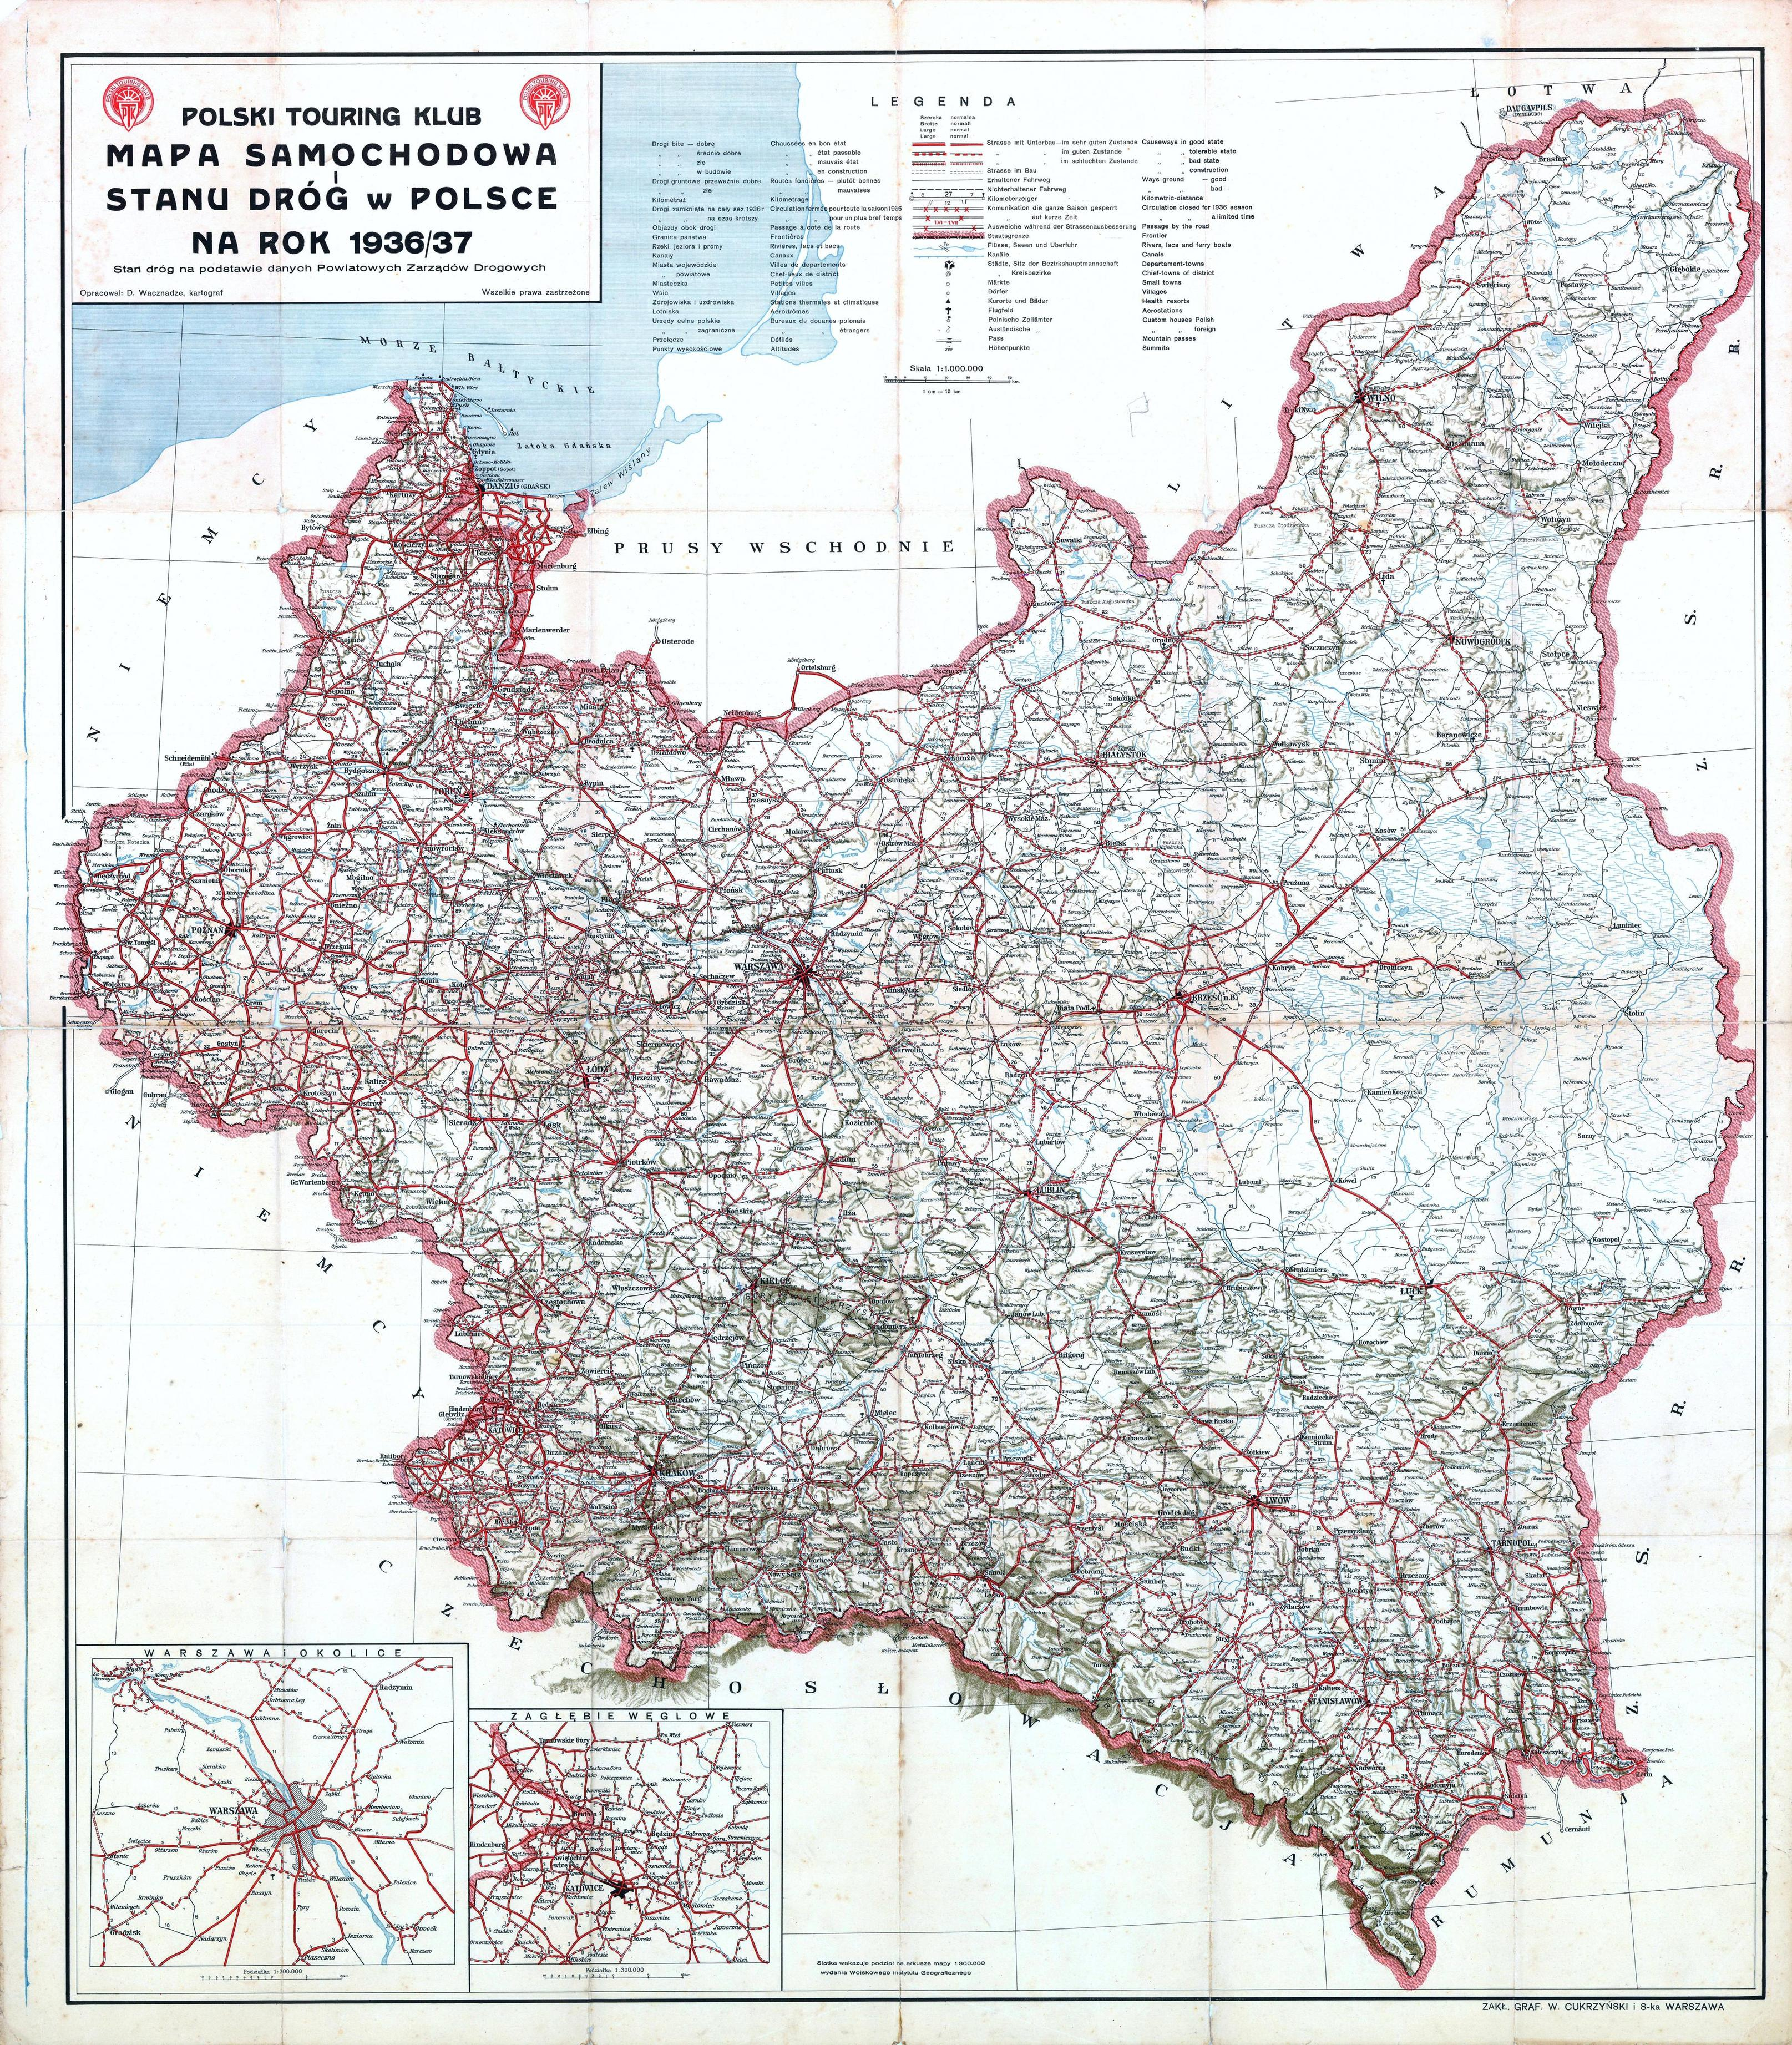 Polska Mapa Samochodowa Na Rok 193637 Niezłomnicom